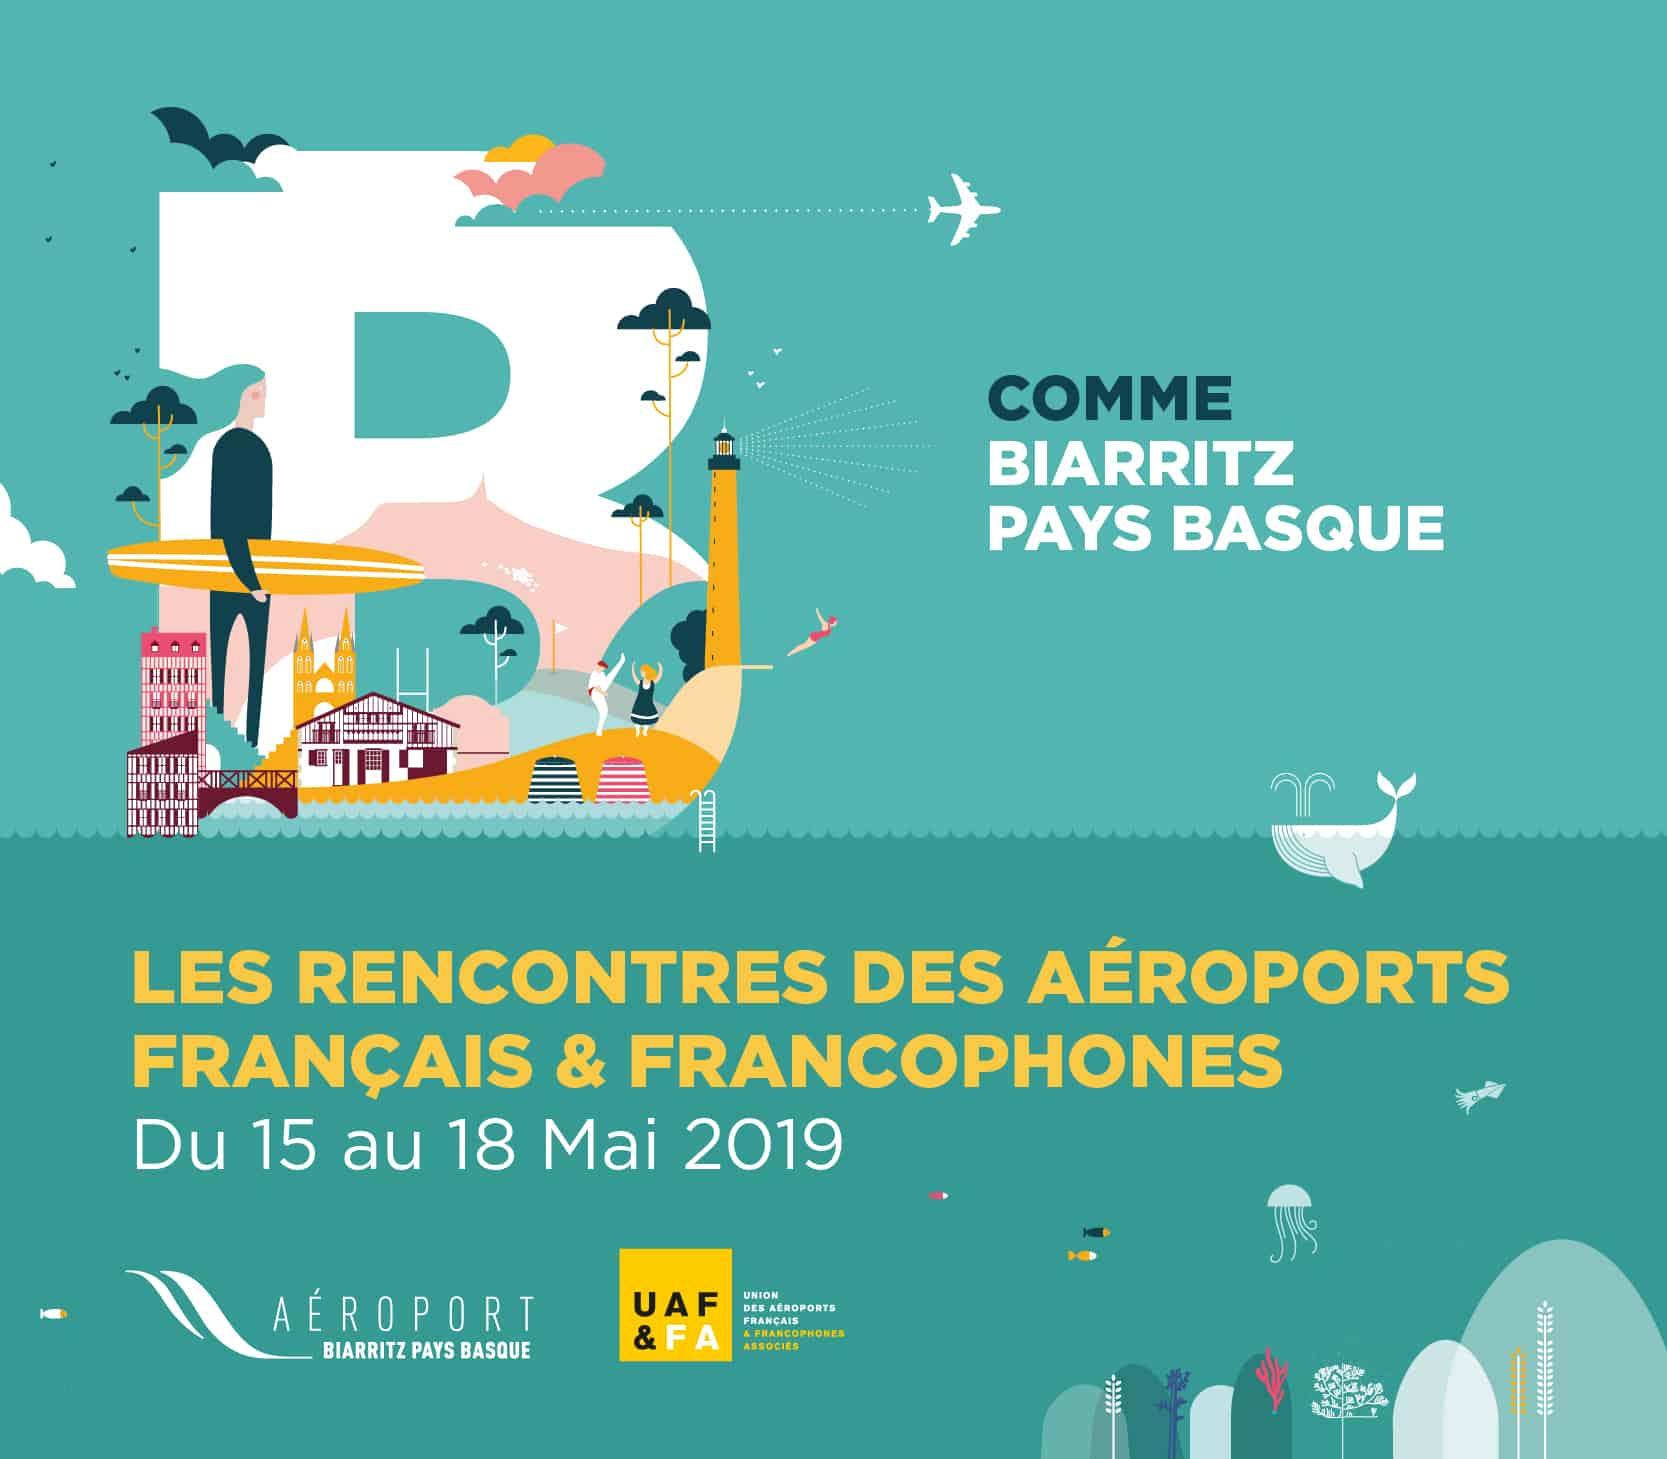 Rencontres des Aéroports Français et Francophones